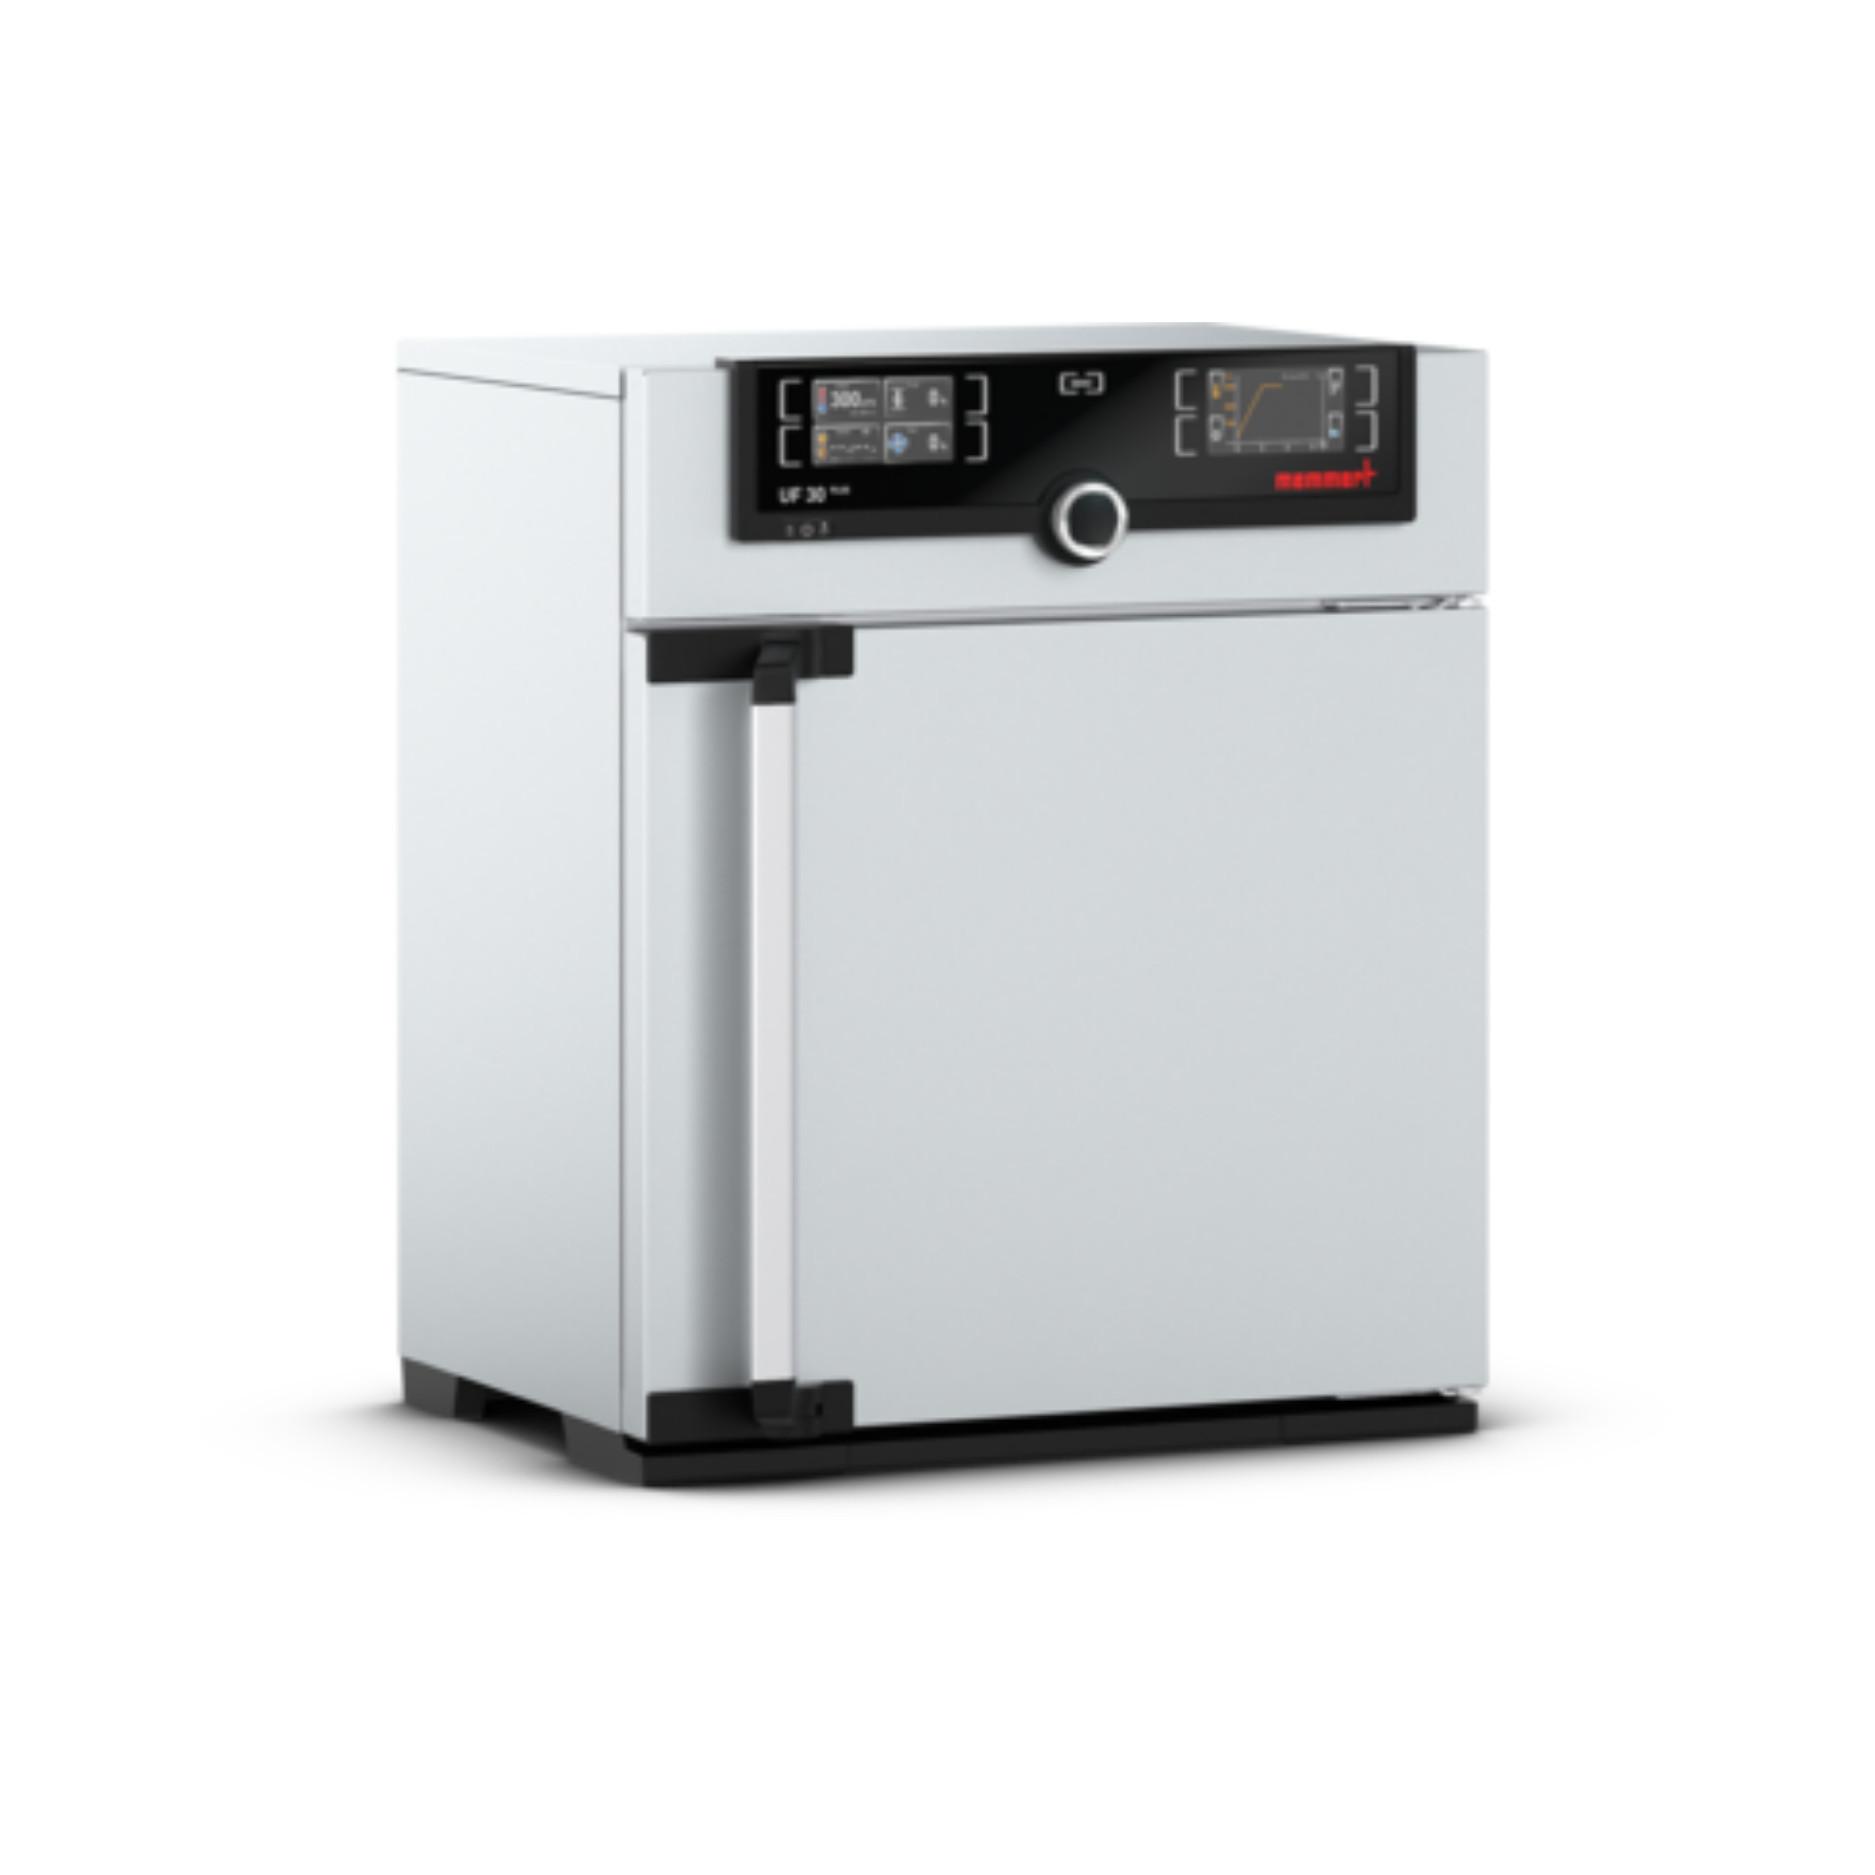 Memmert Universal Oven UF30plus